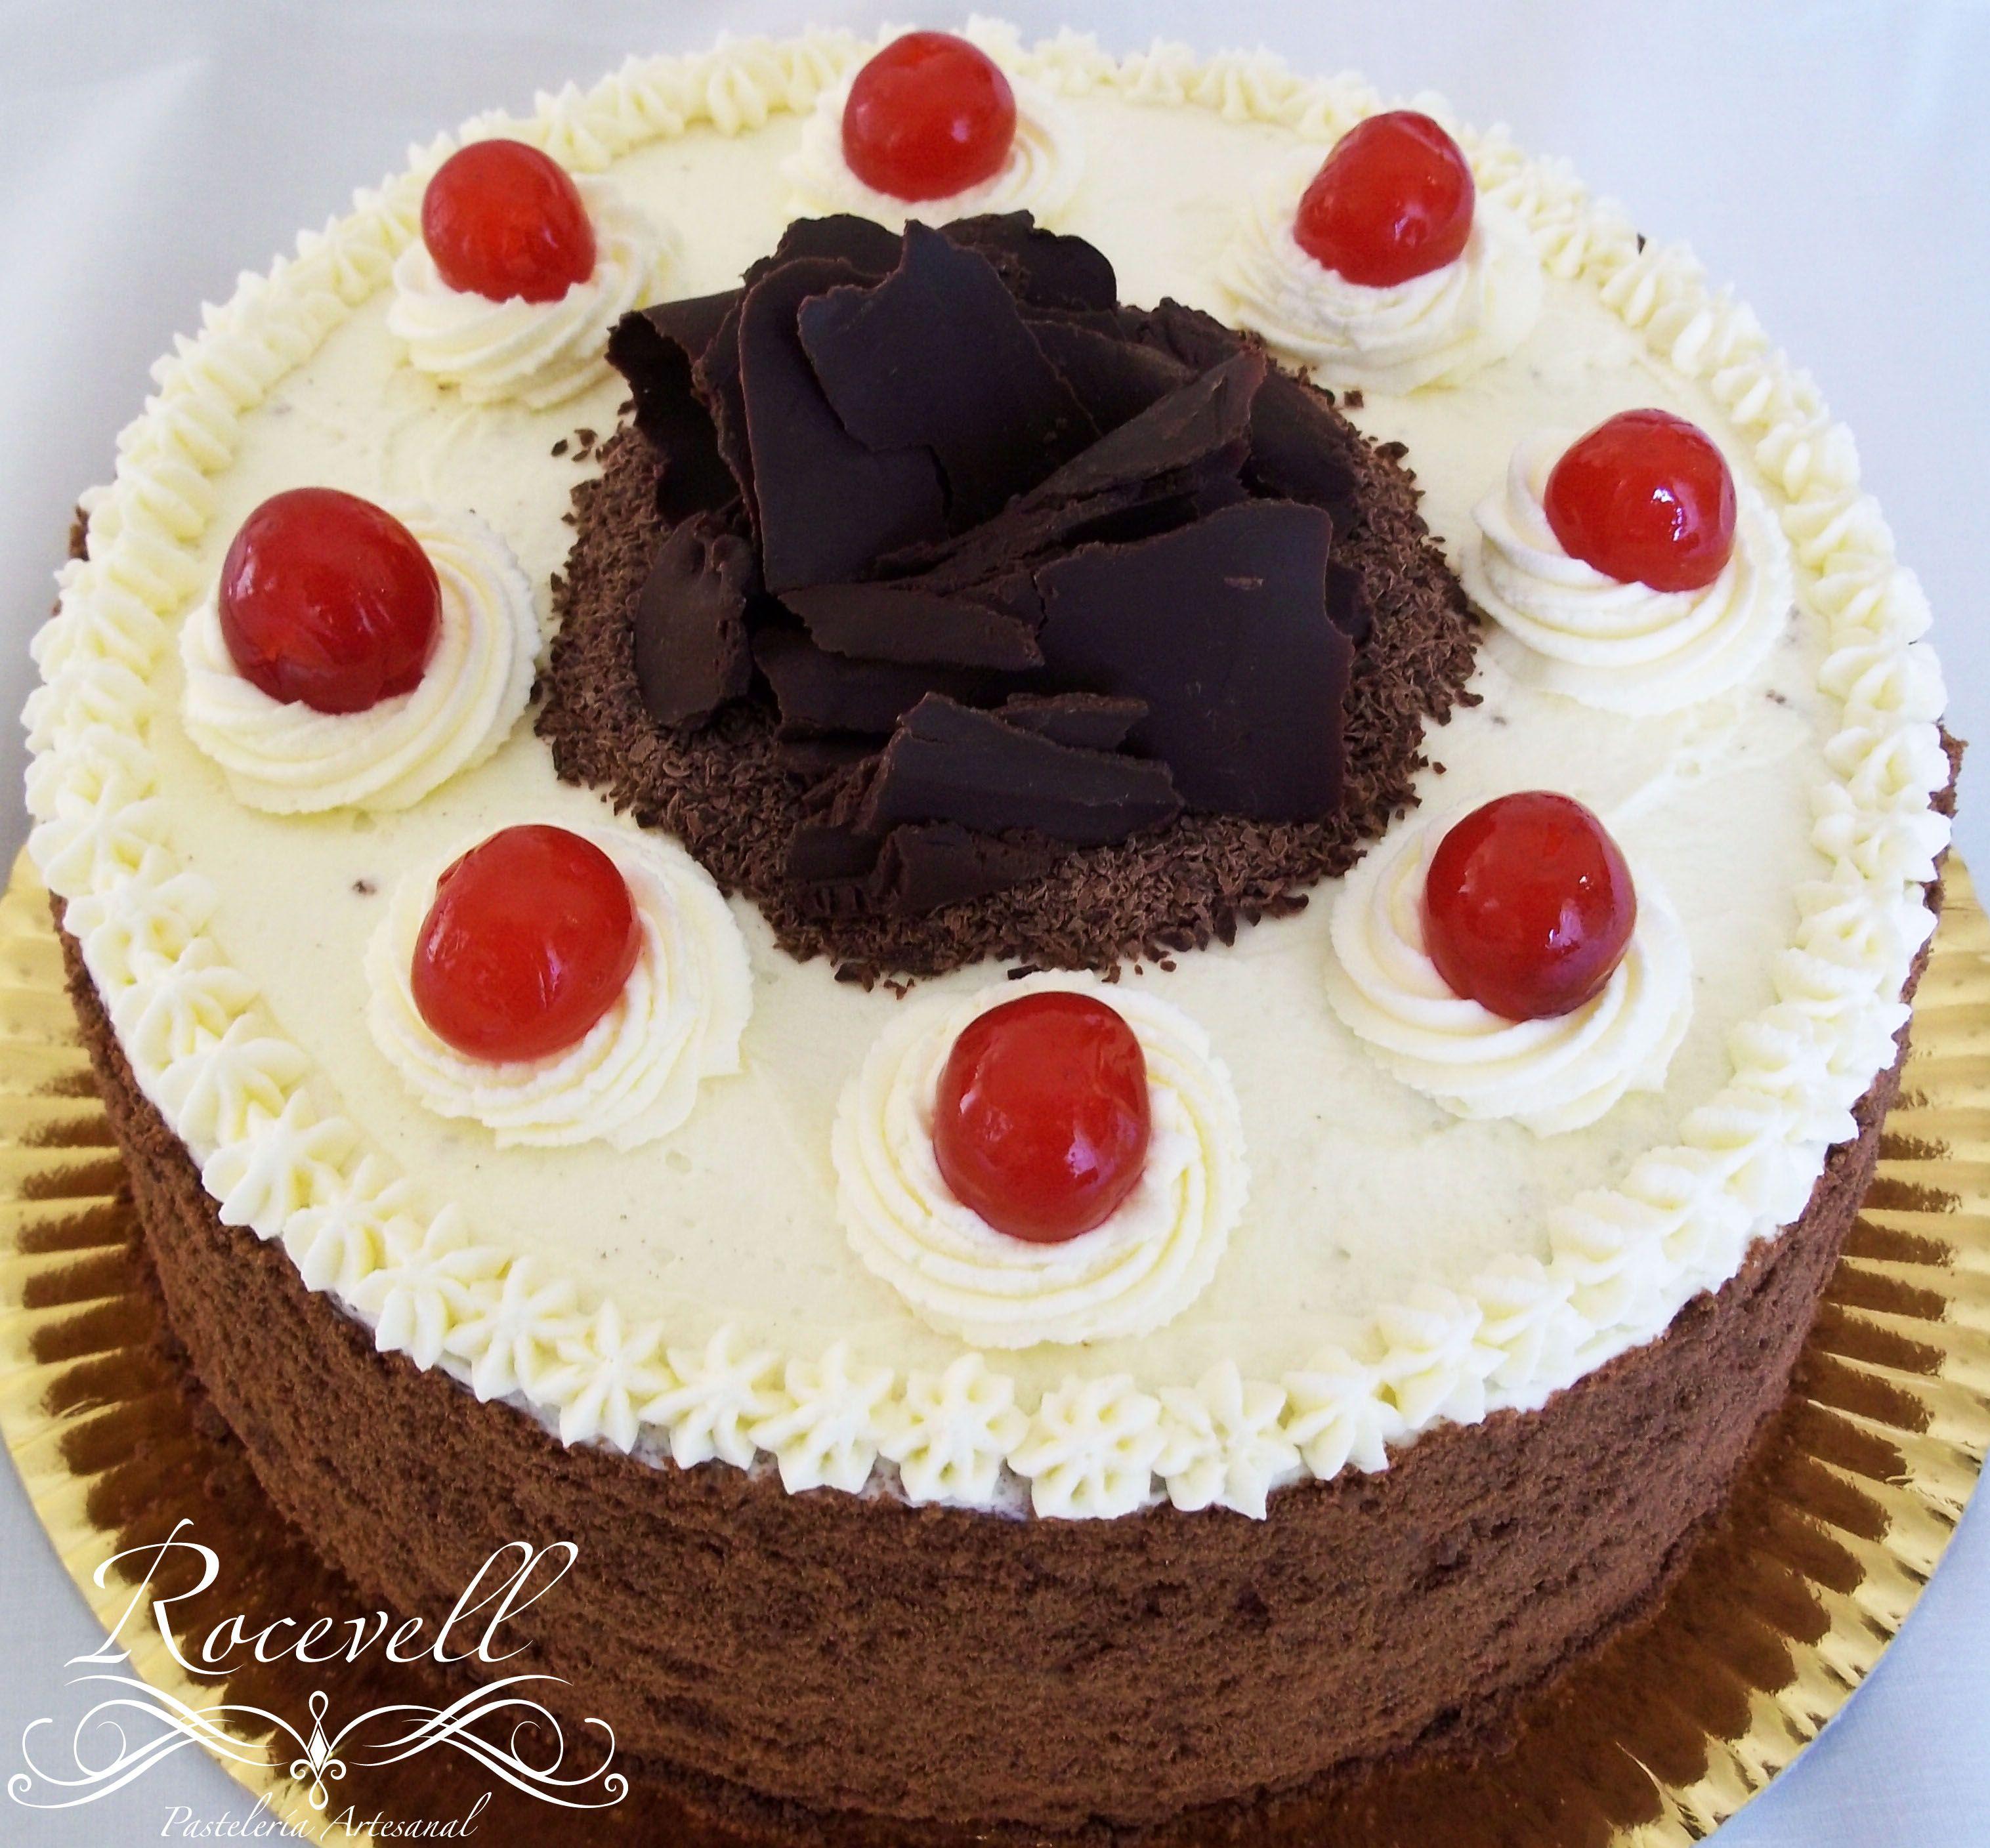 {selva negra} Genoise de chocolate, con dos cortes, uno de crema chantilly y cerezas, otro con dulce de frutos rojos.